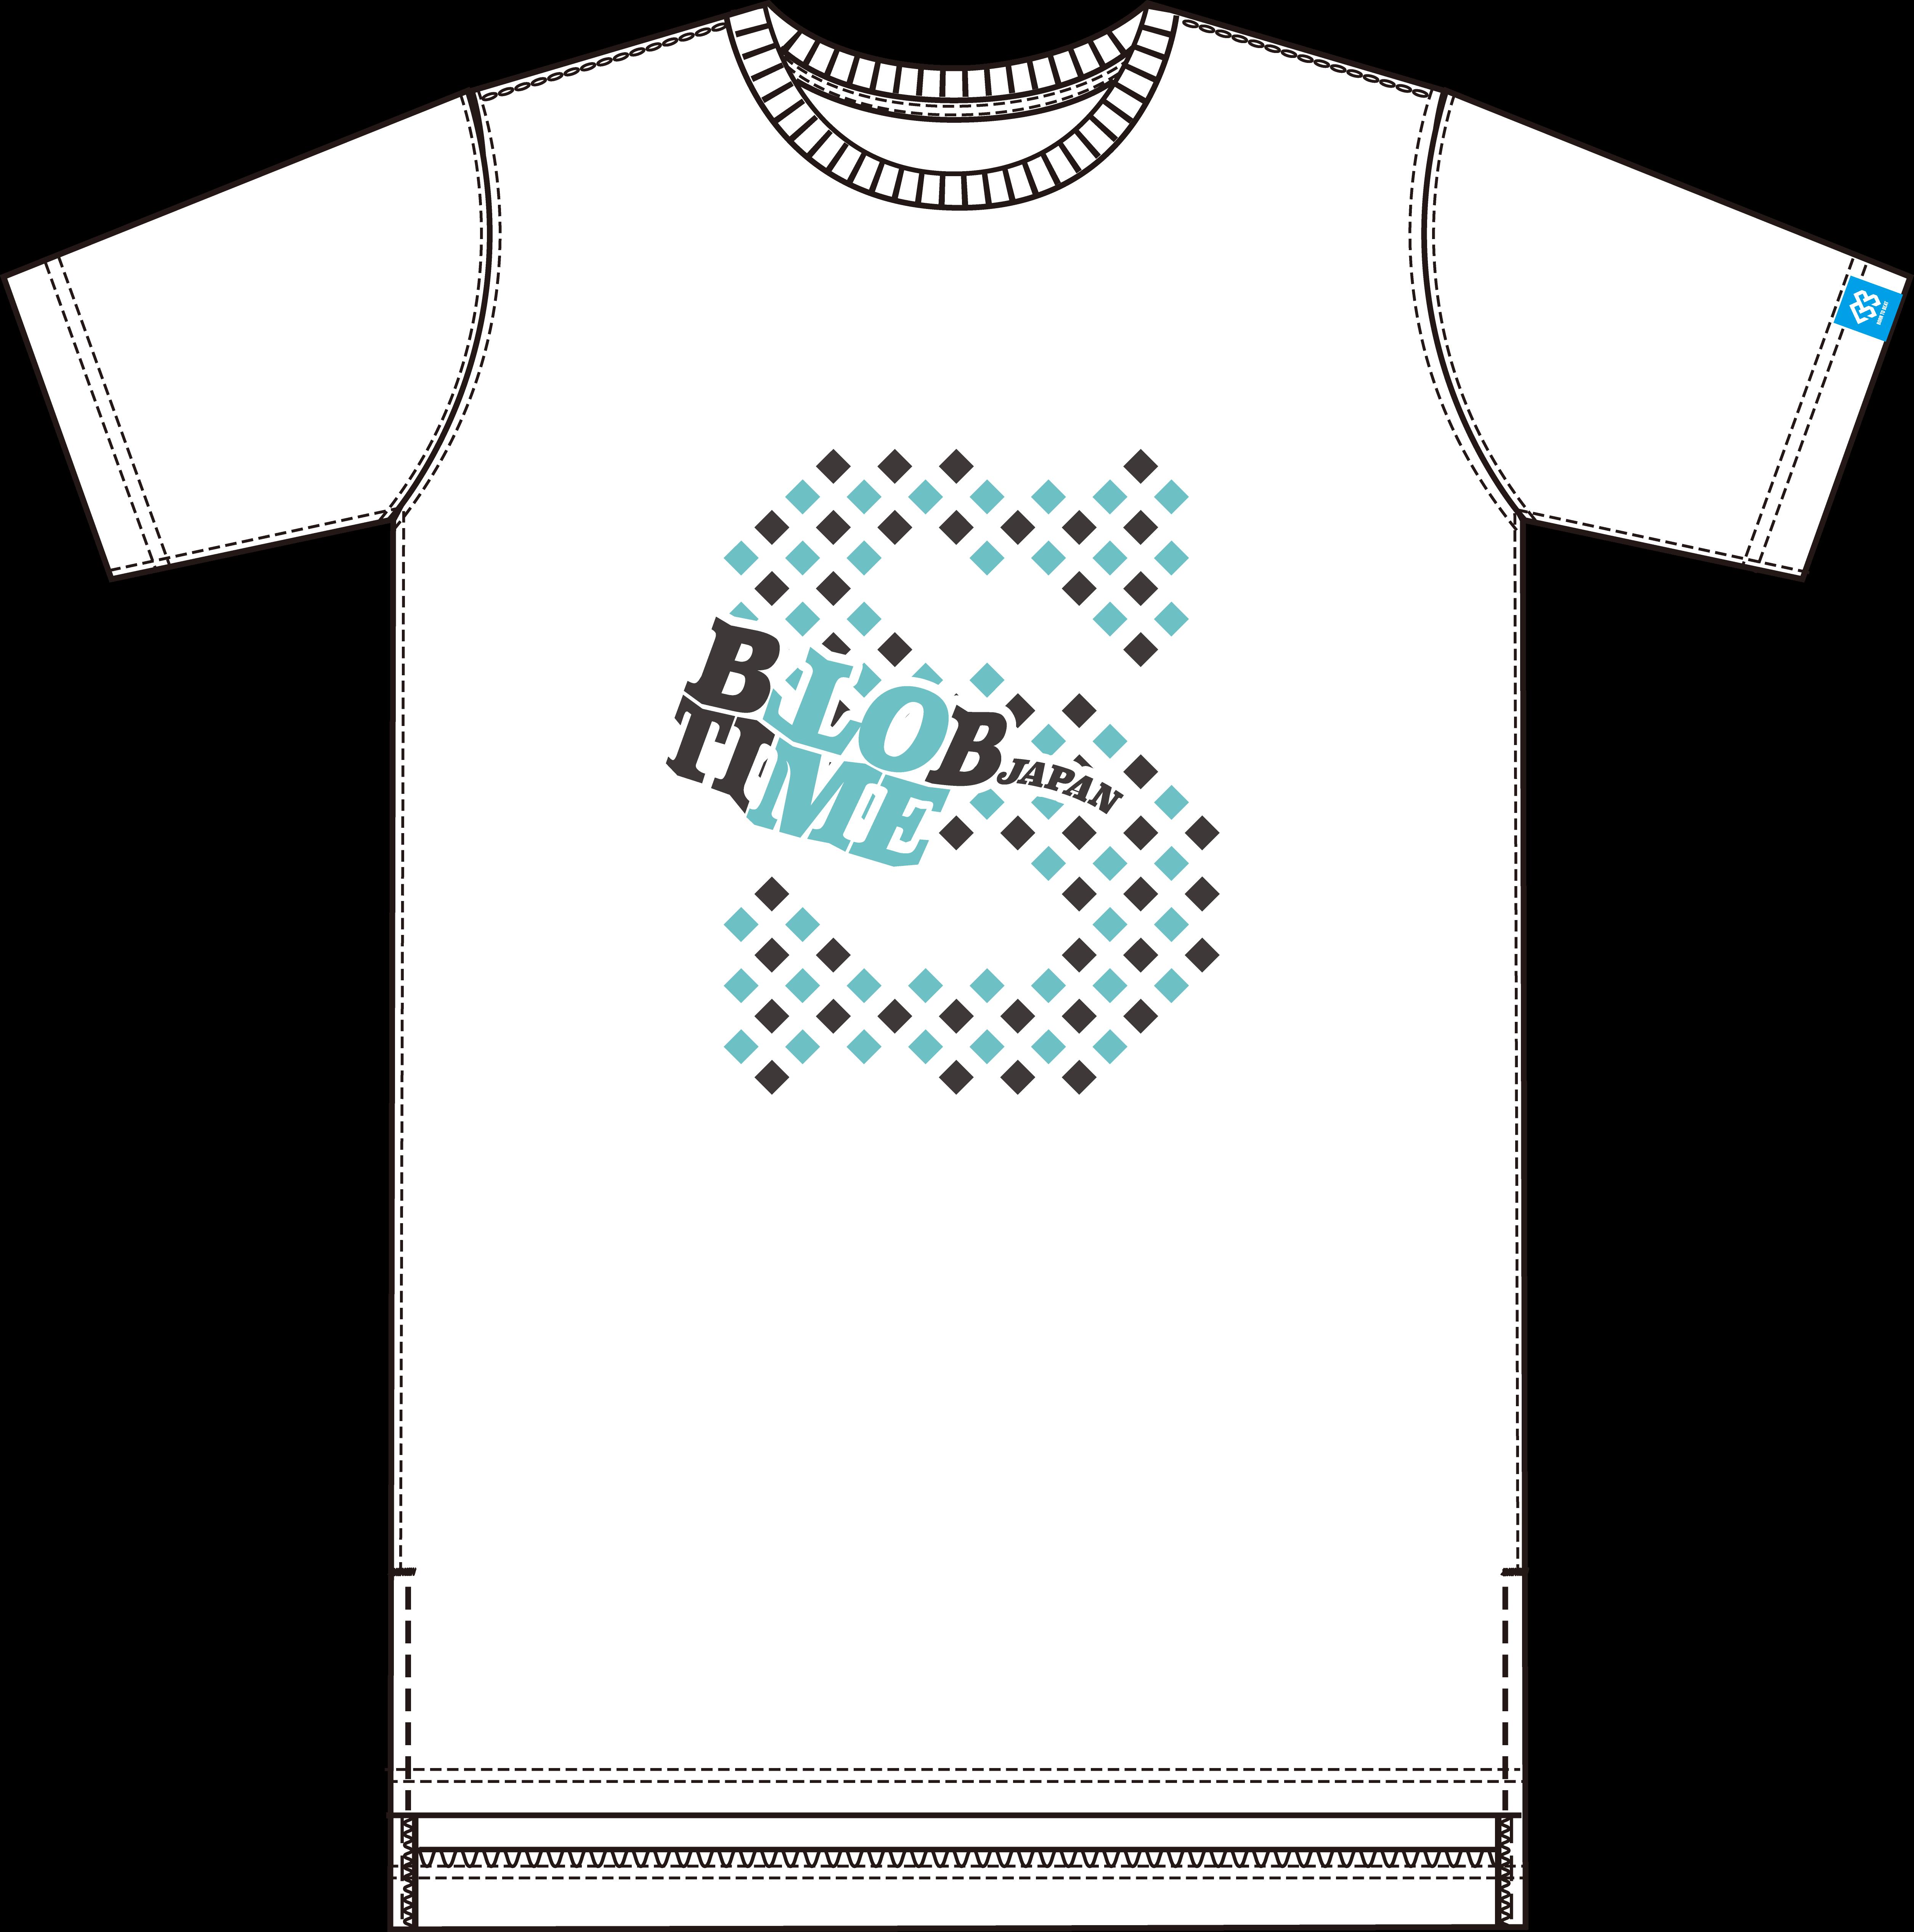 BTOB メンバー別Tシャツ